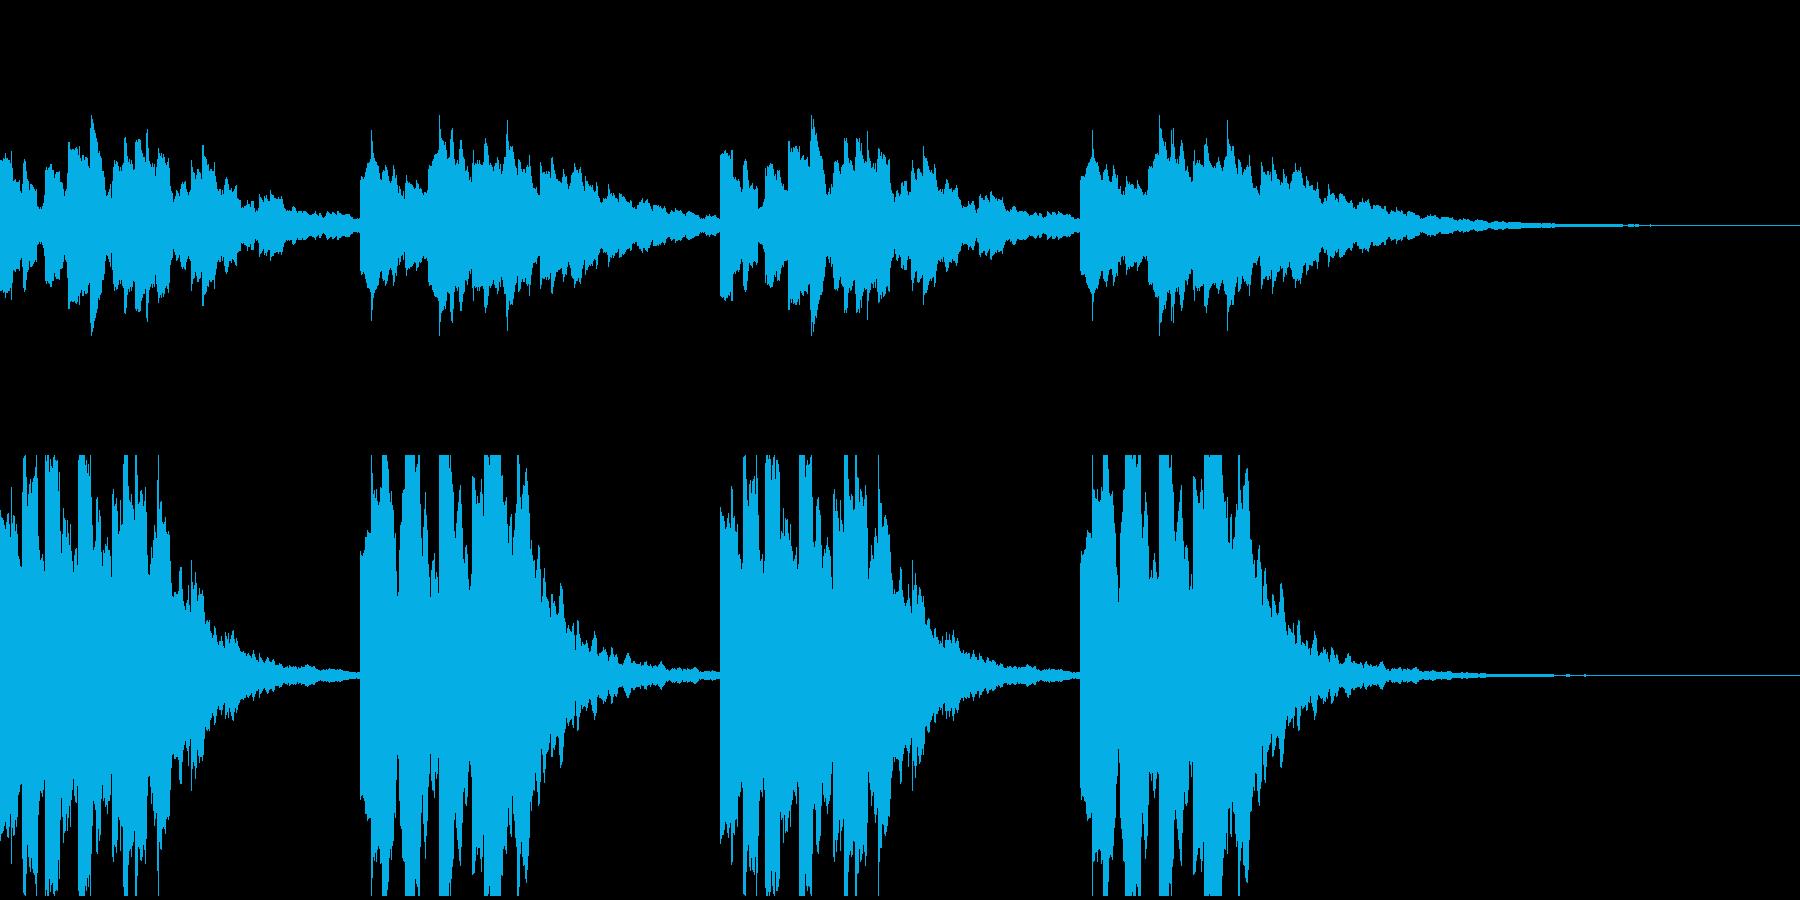 サウンドロゴ、ジングル、企業PVなどの再生済みの波形